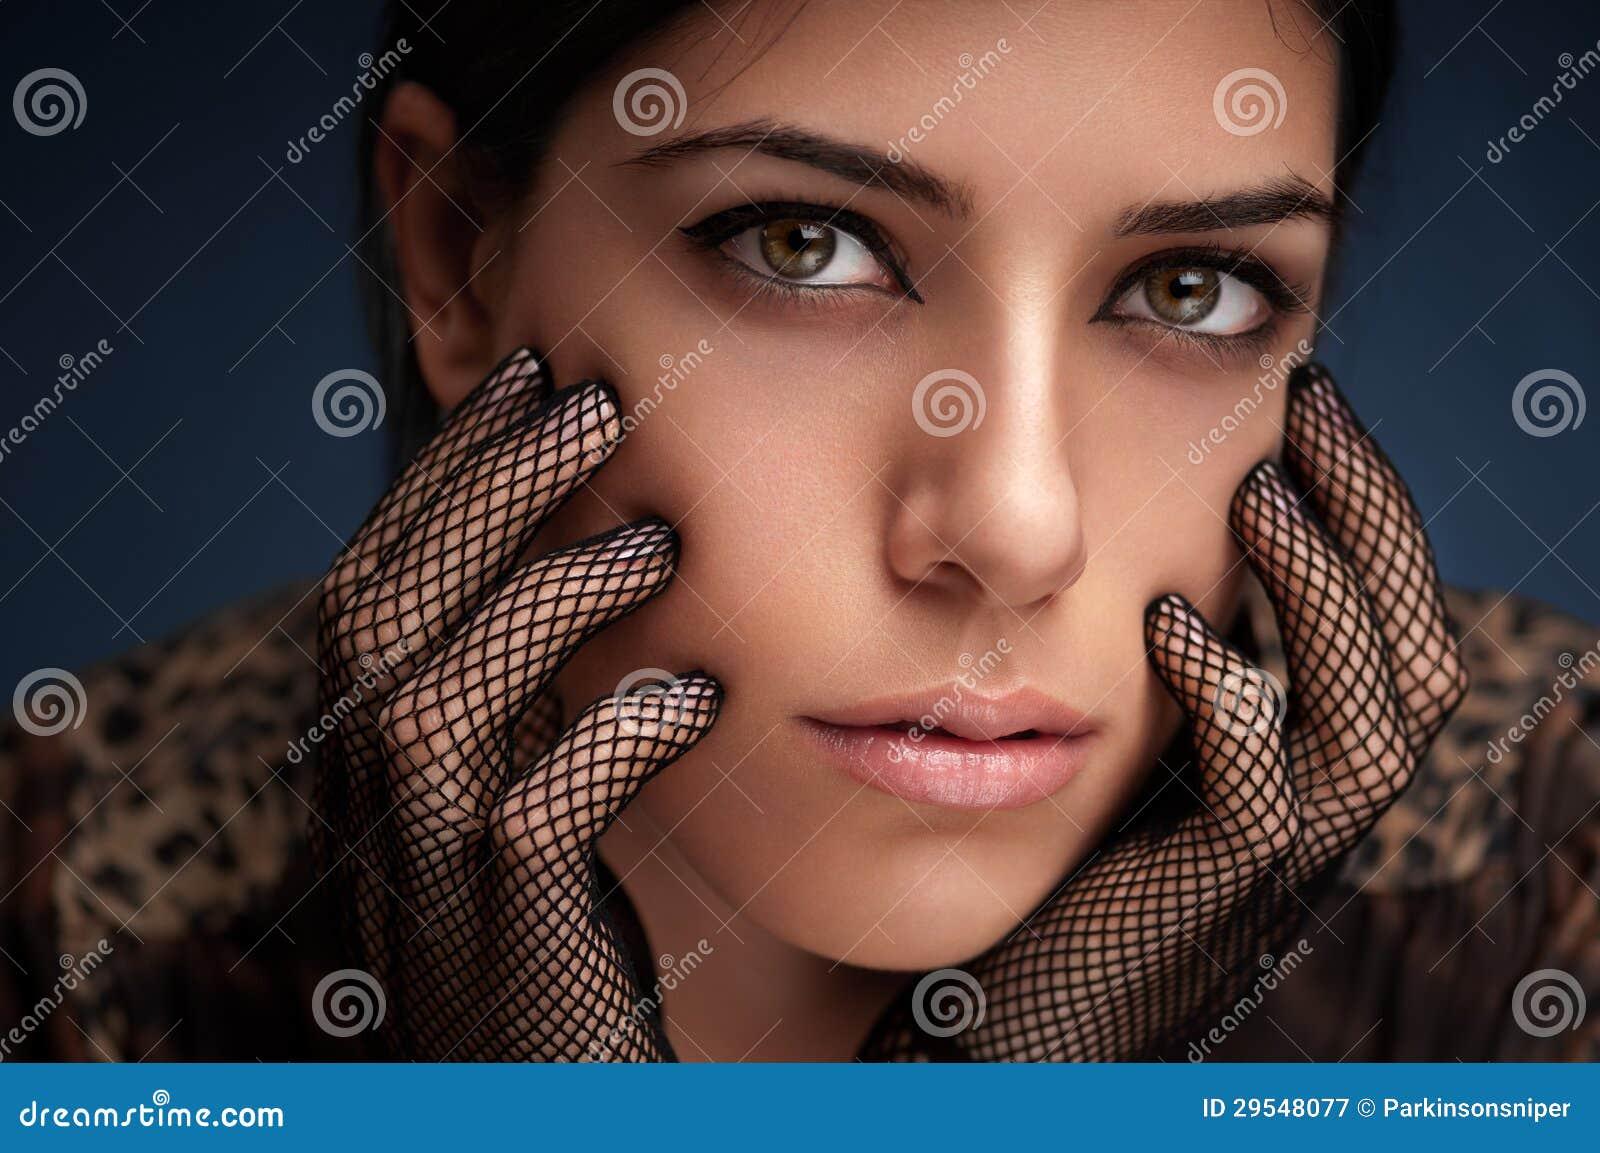 Mesir women hot photo